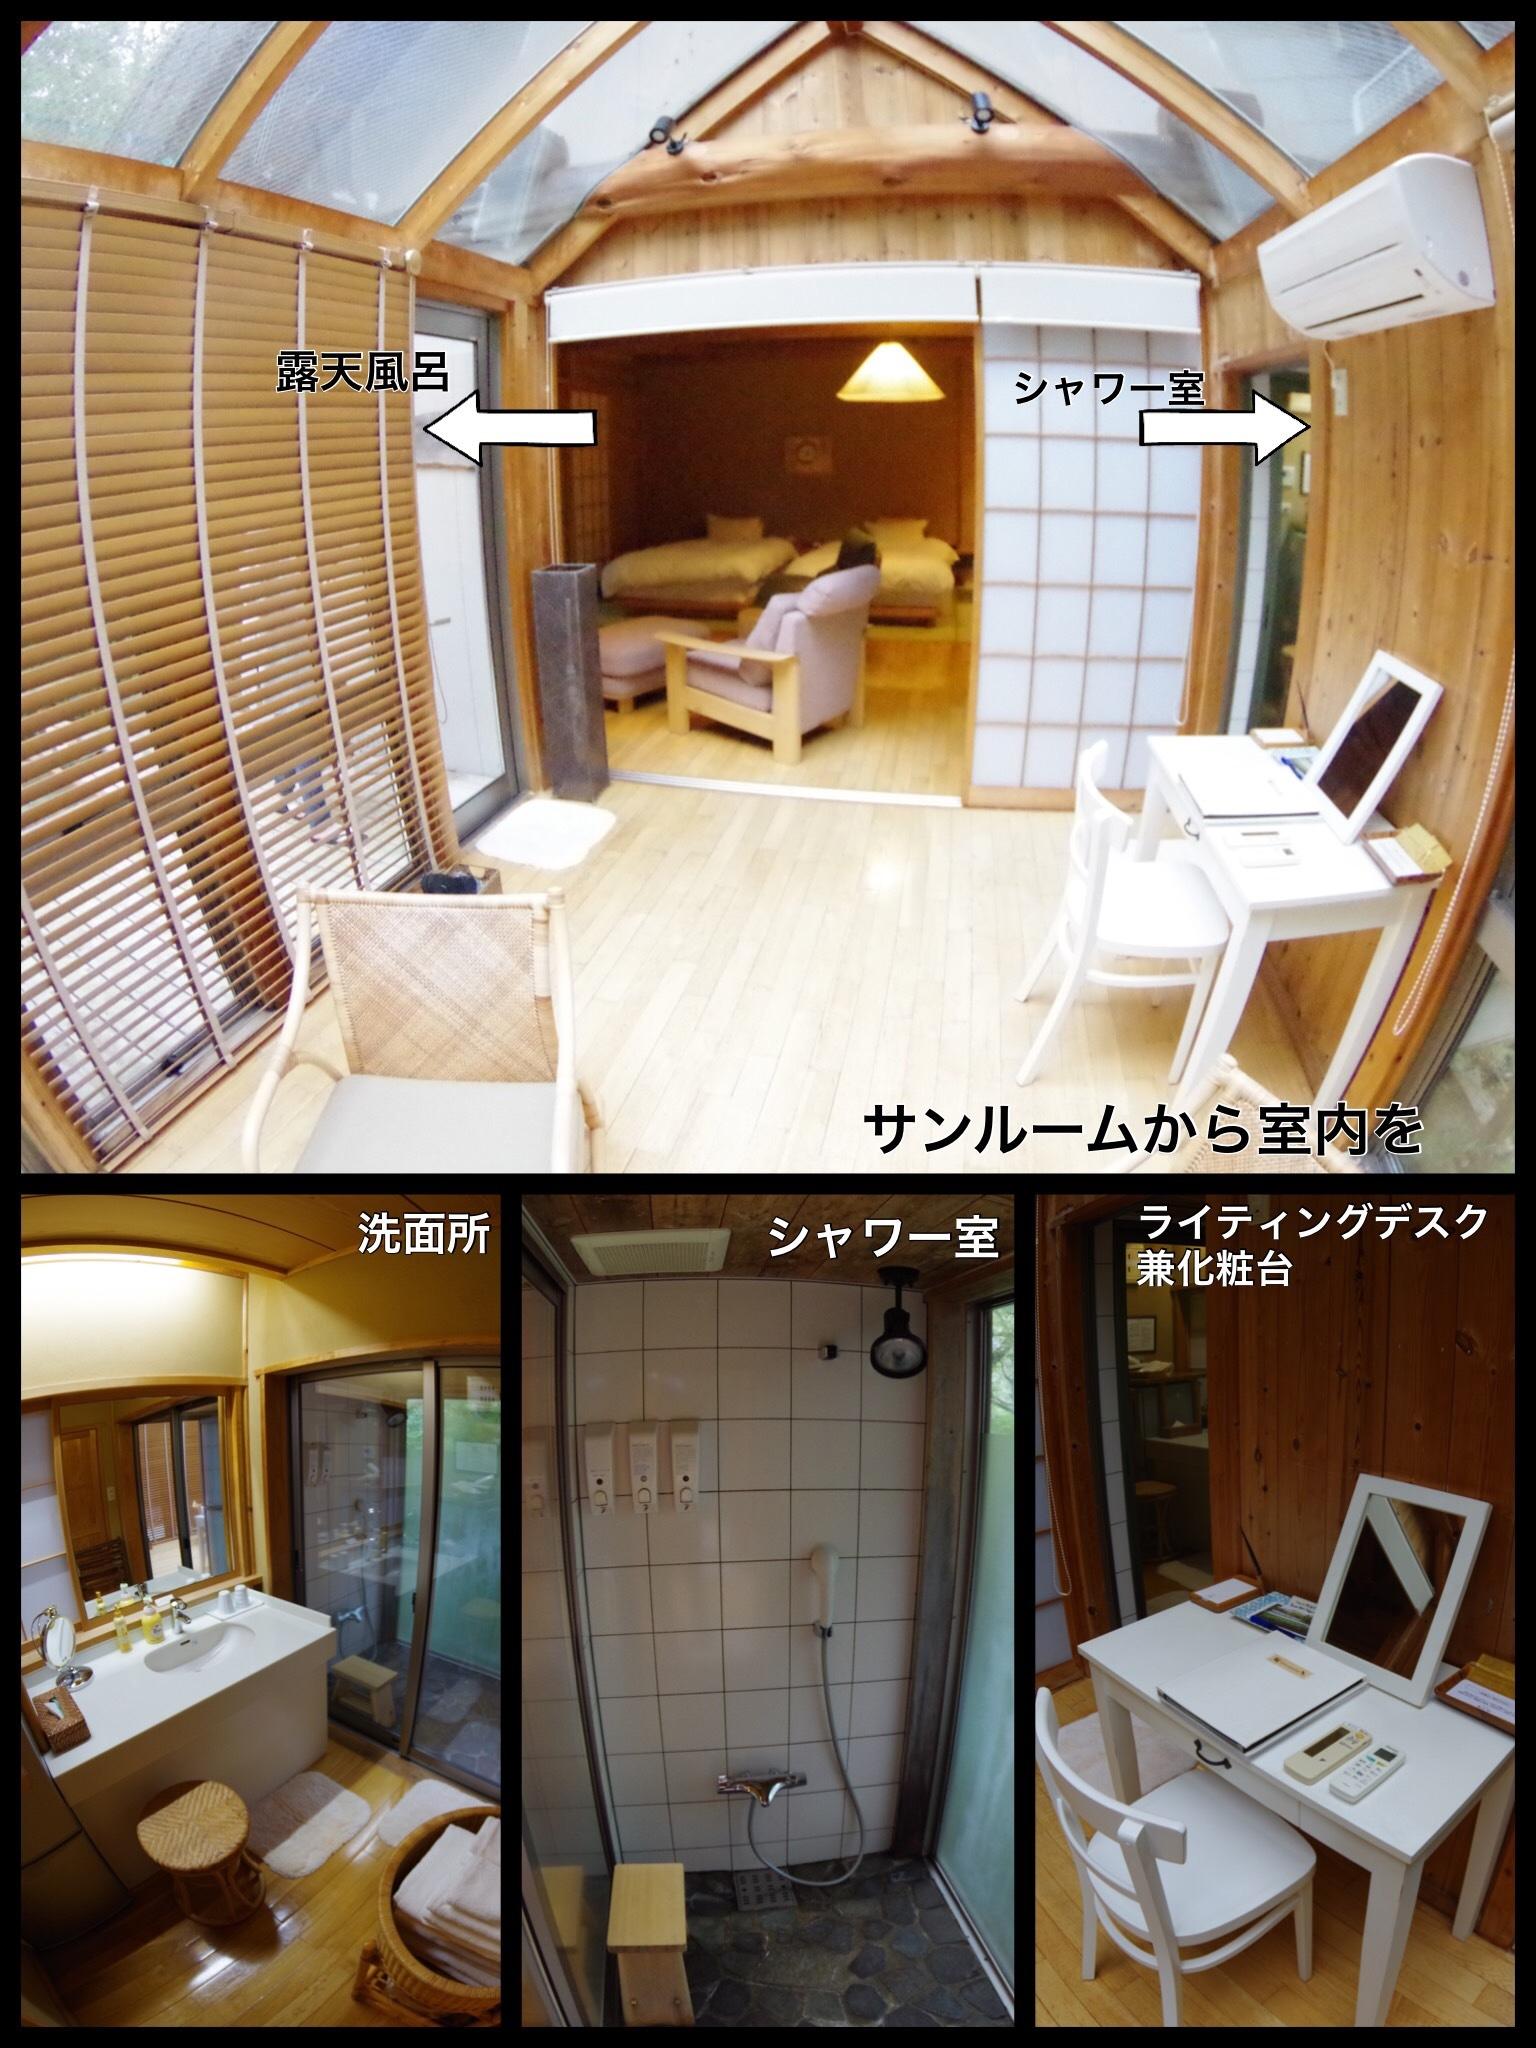 宮城 遠刈田温泉 だいこんの花 客室 もみじ 室内設備